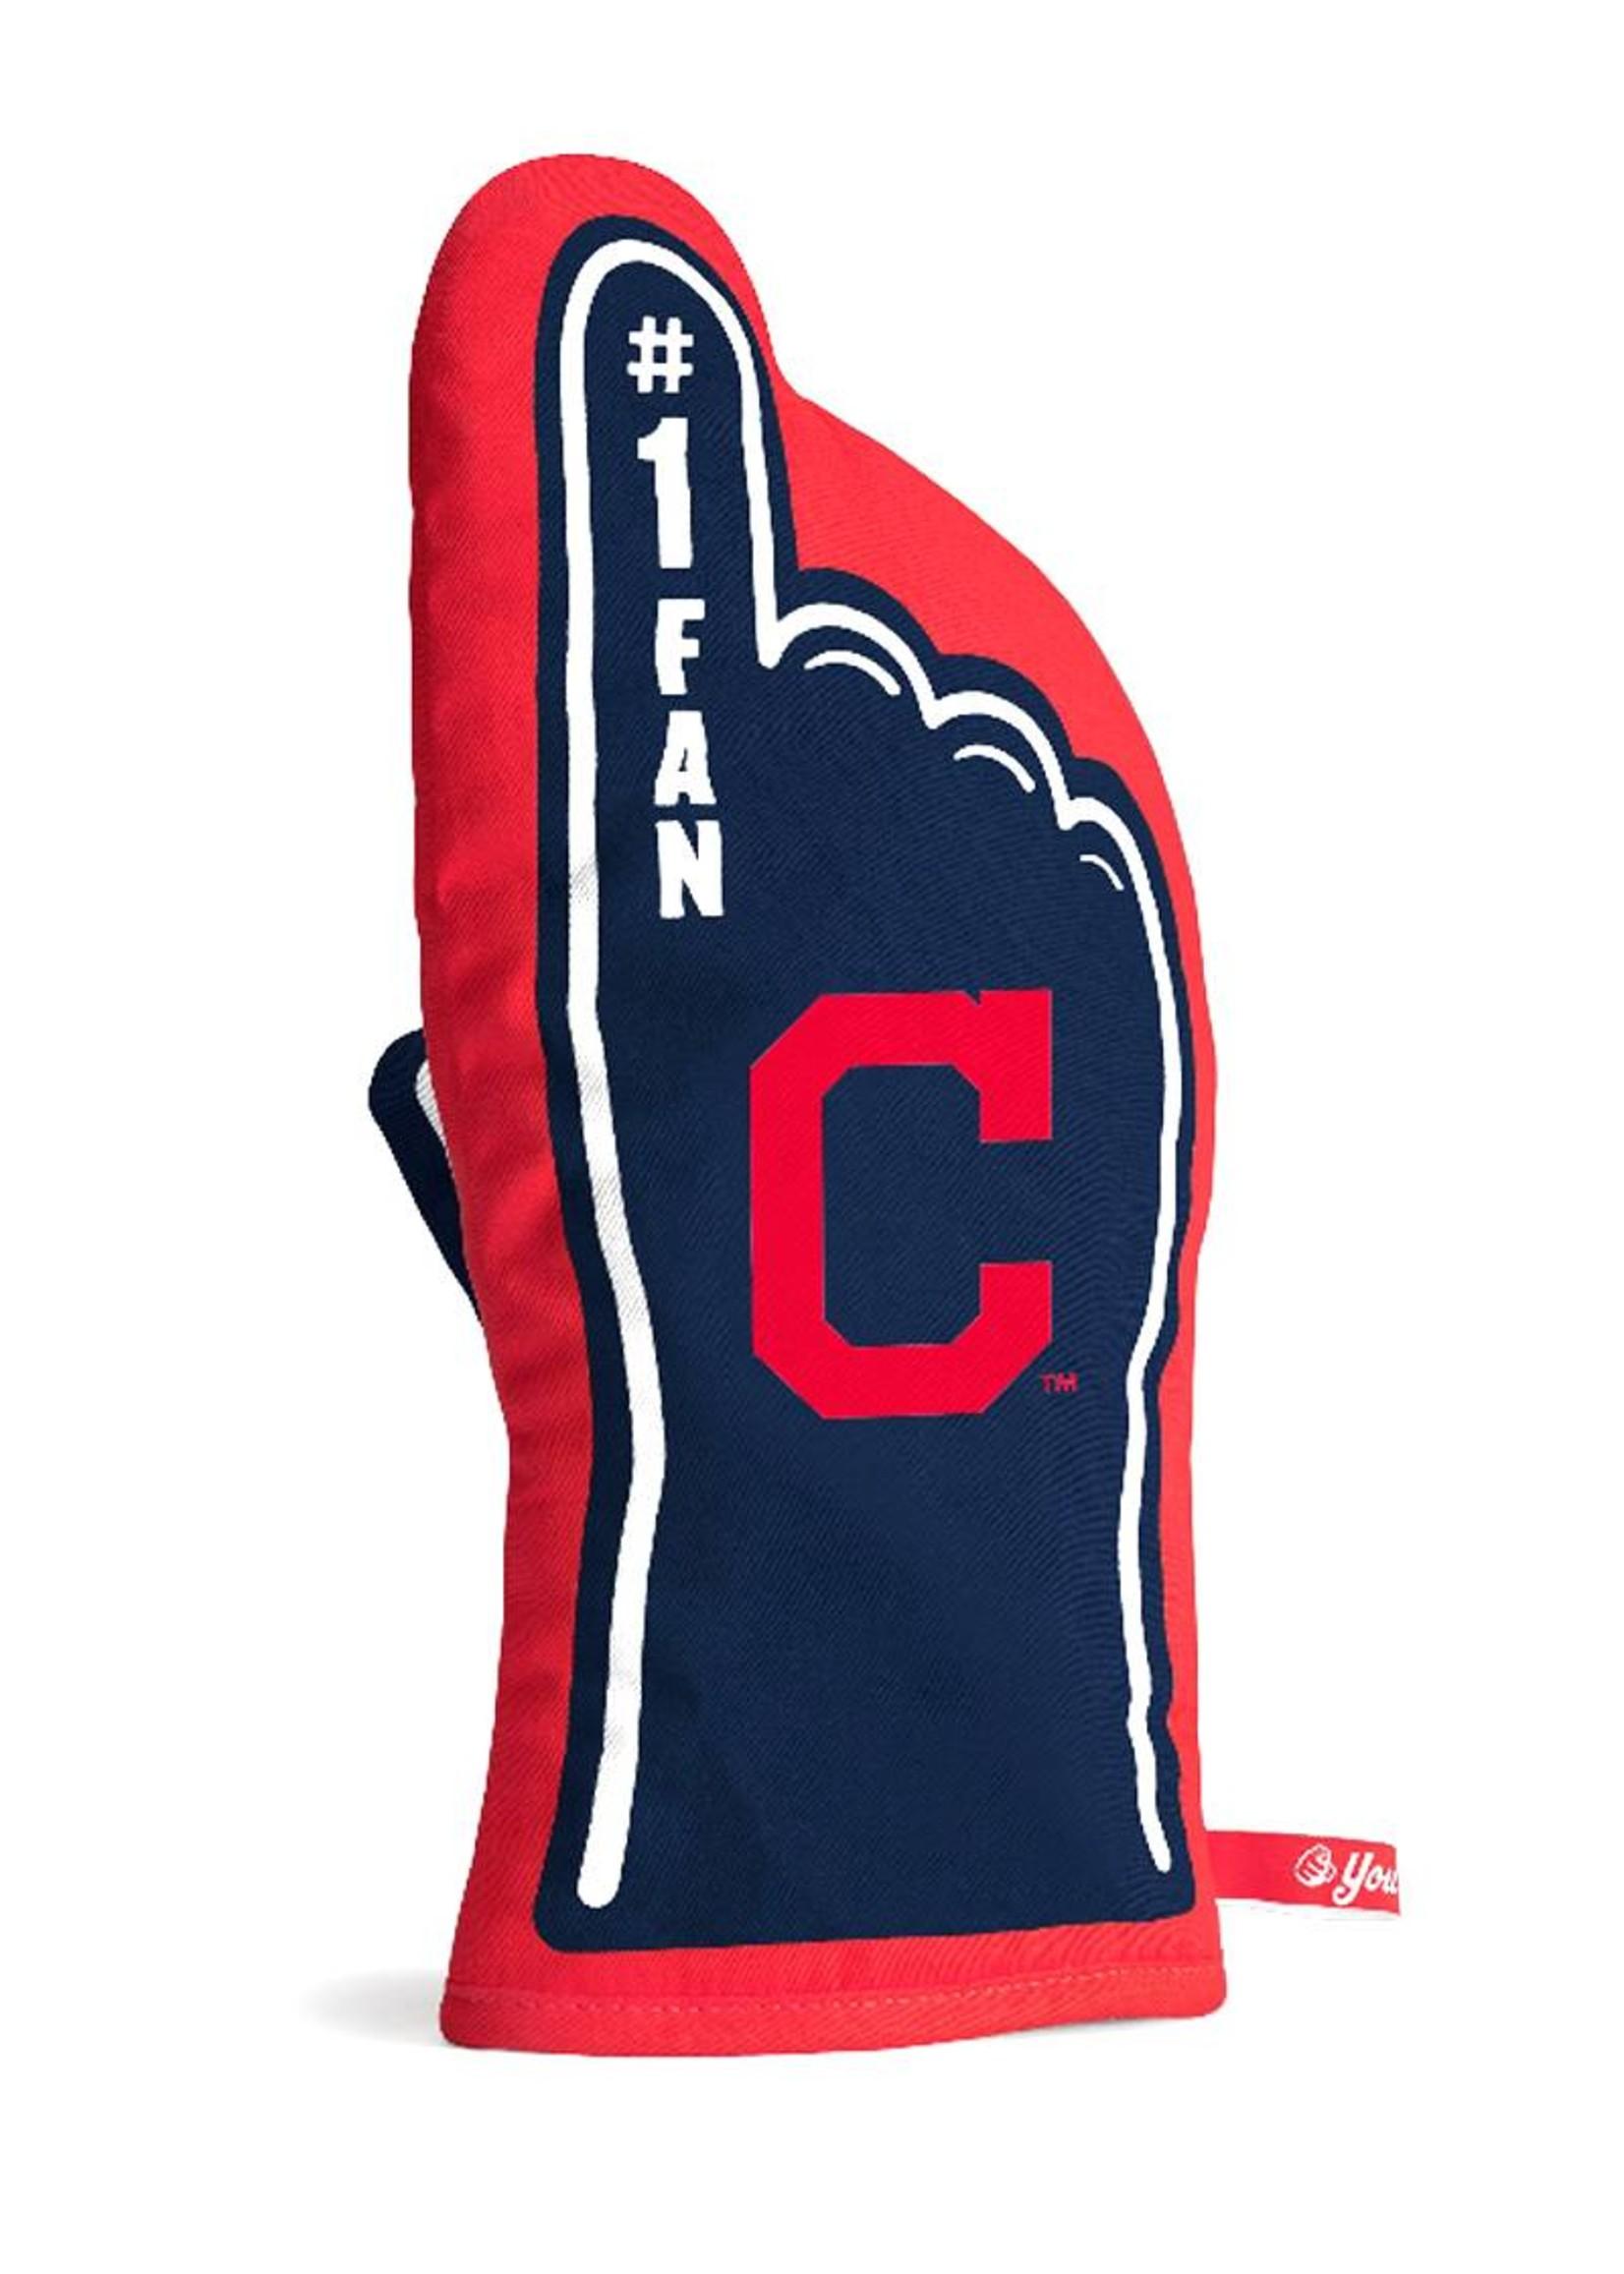 Cleveland Indians #1 Oven Mitt